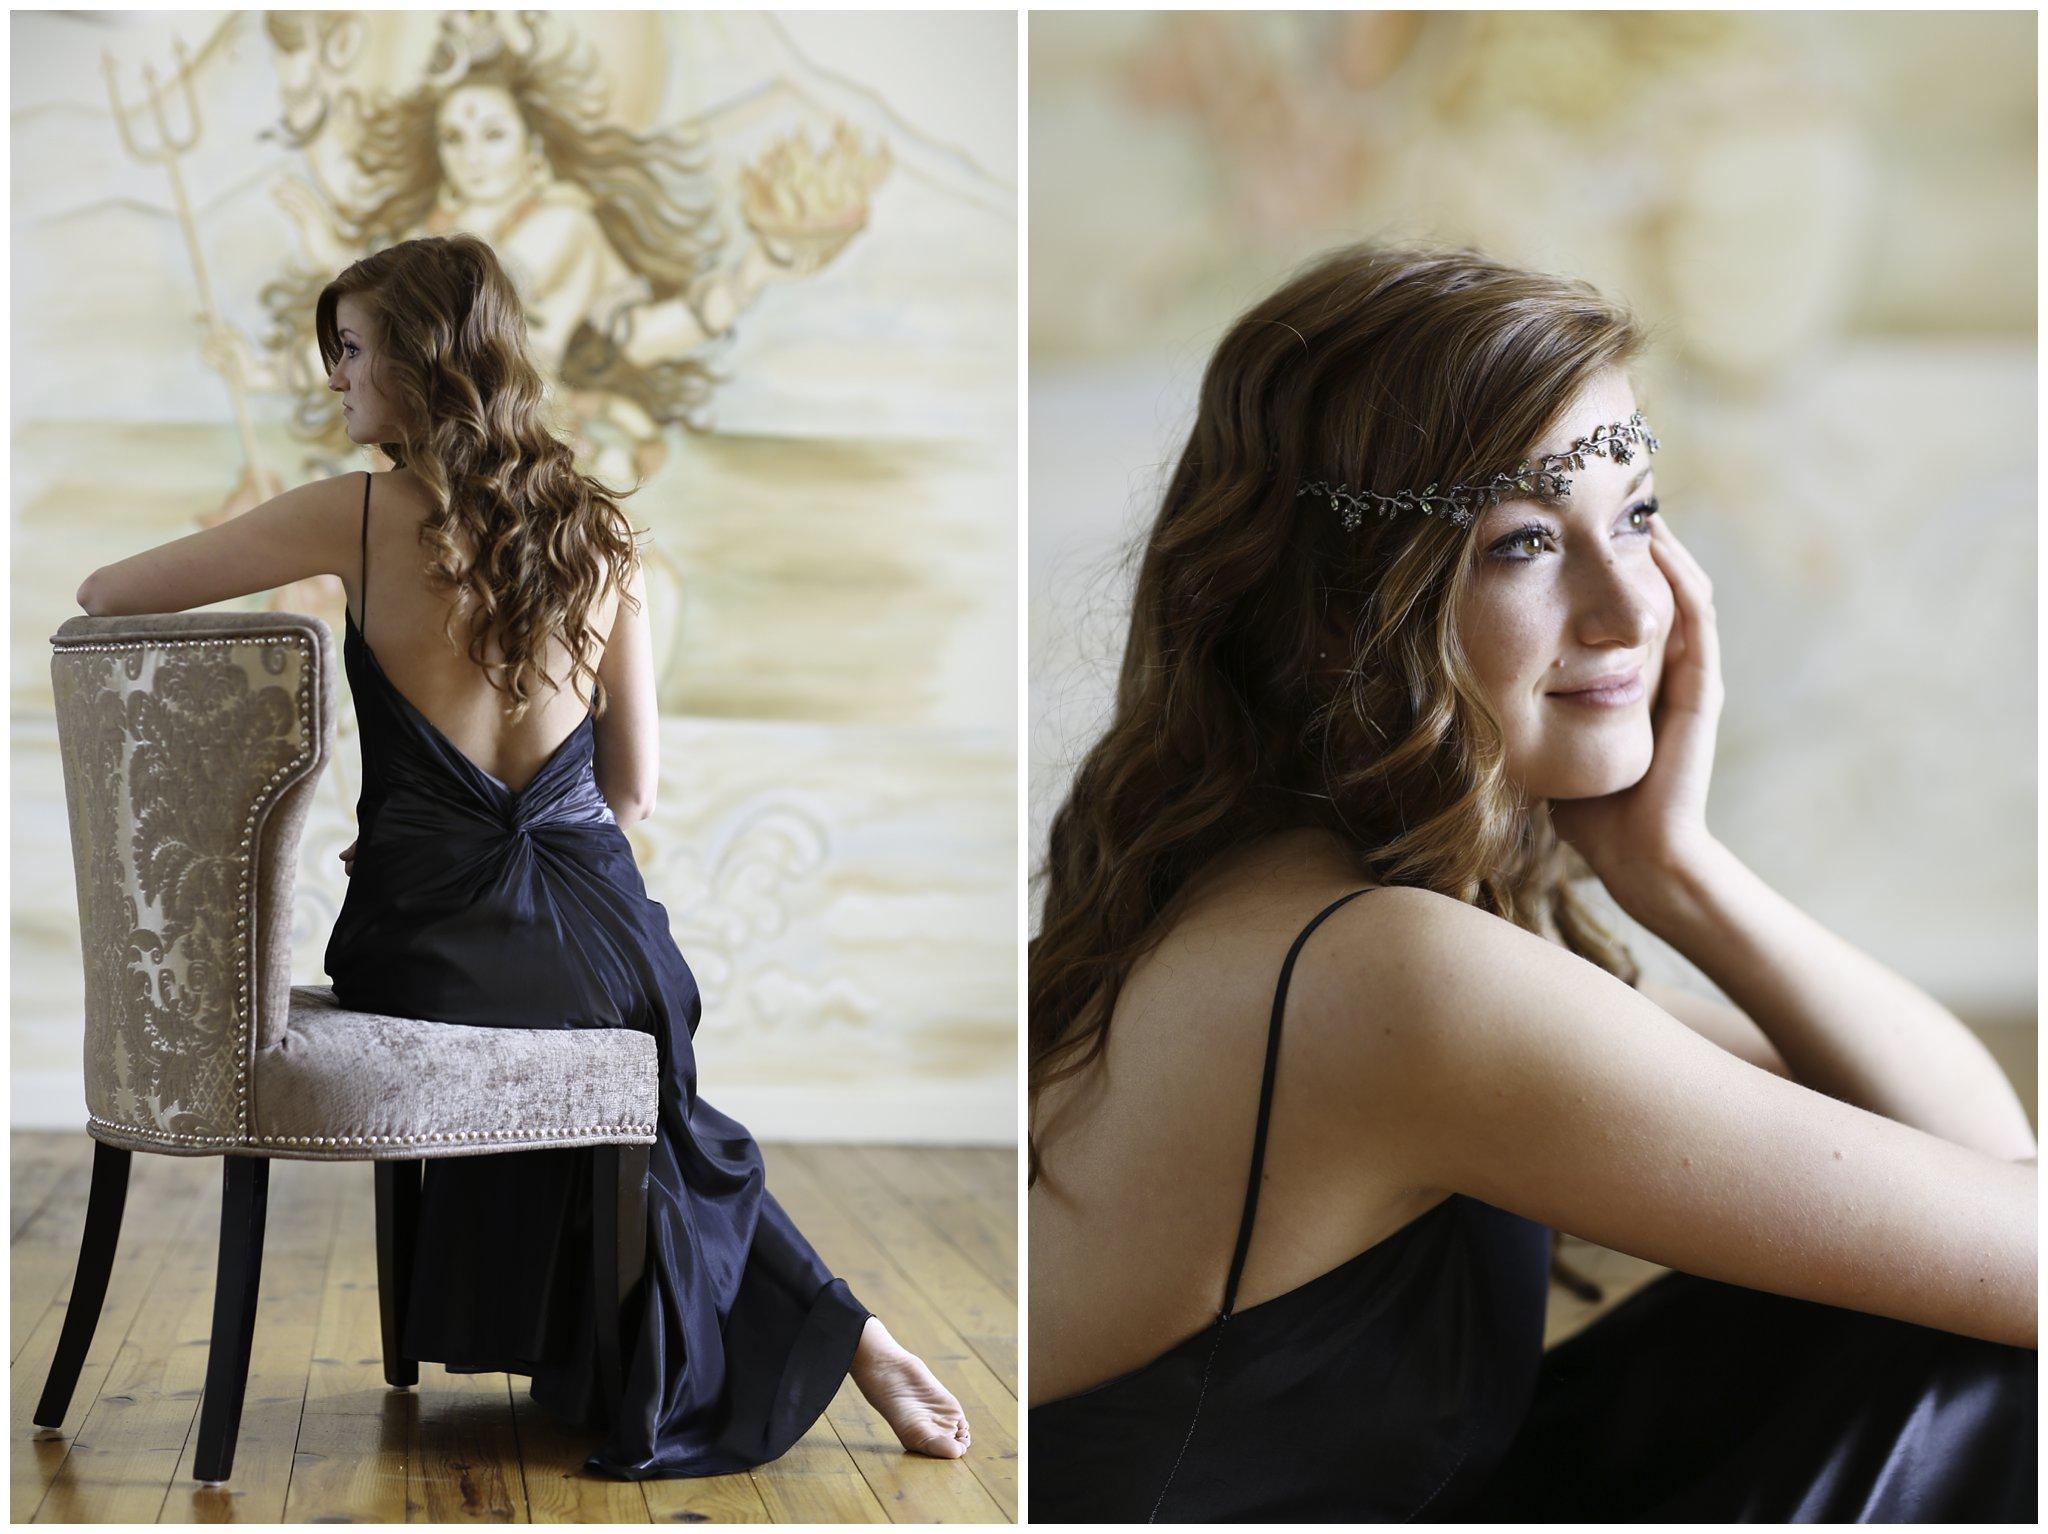 Sarah - Bohemian Chic Portraits